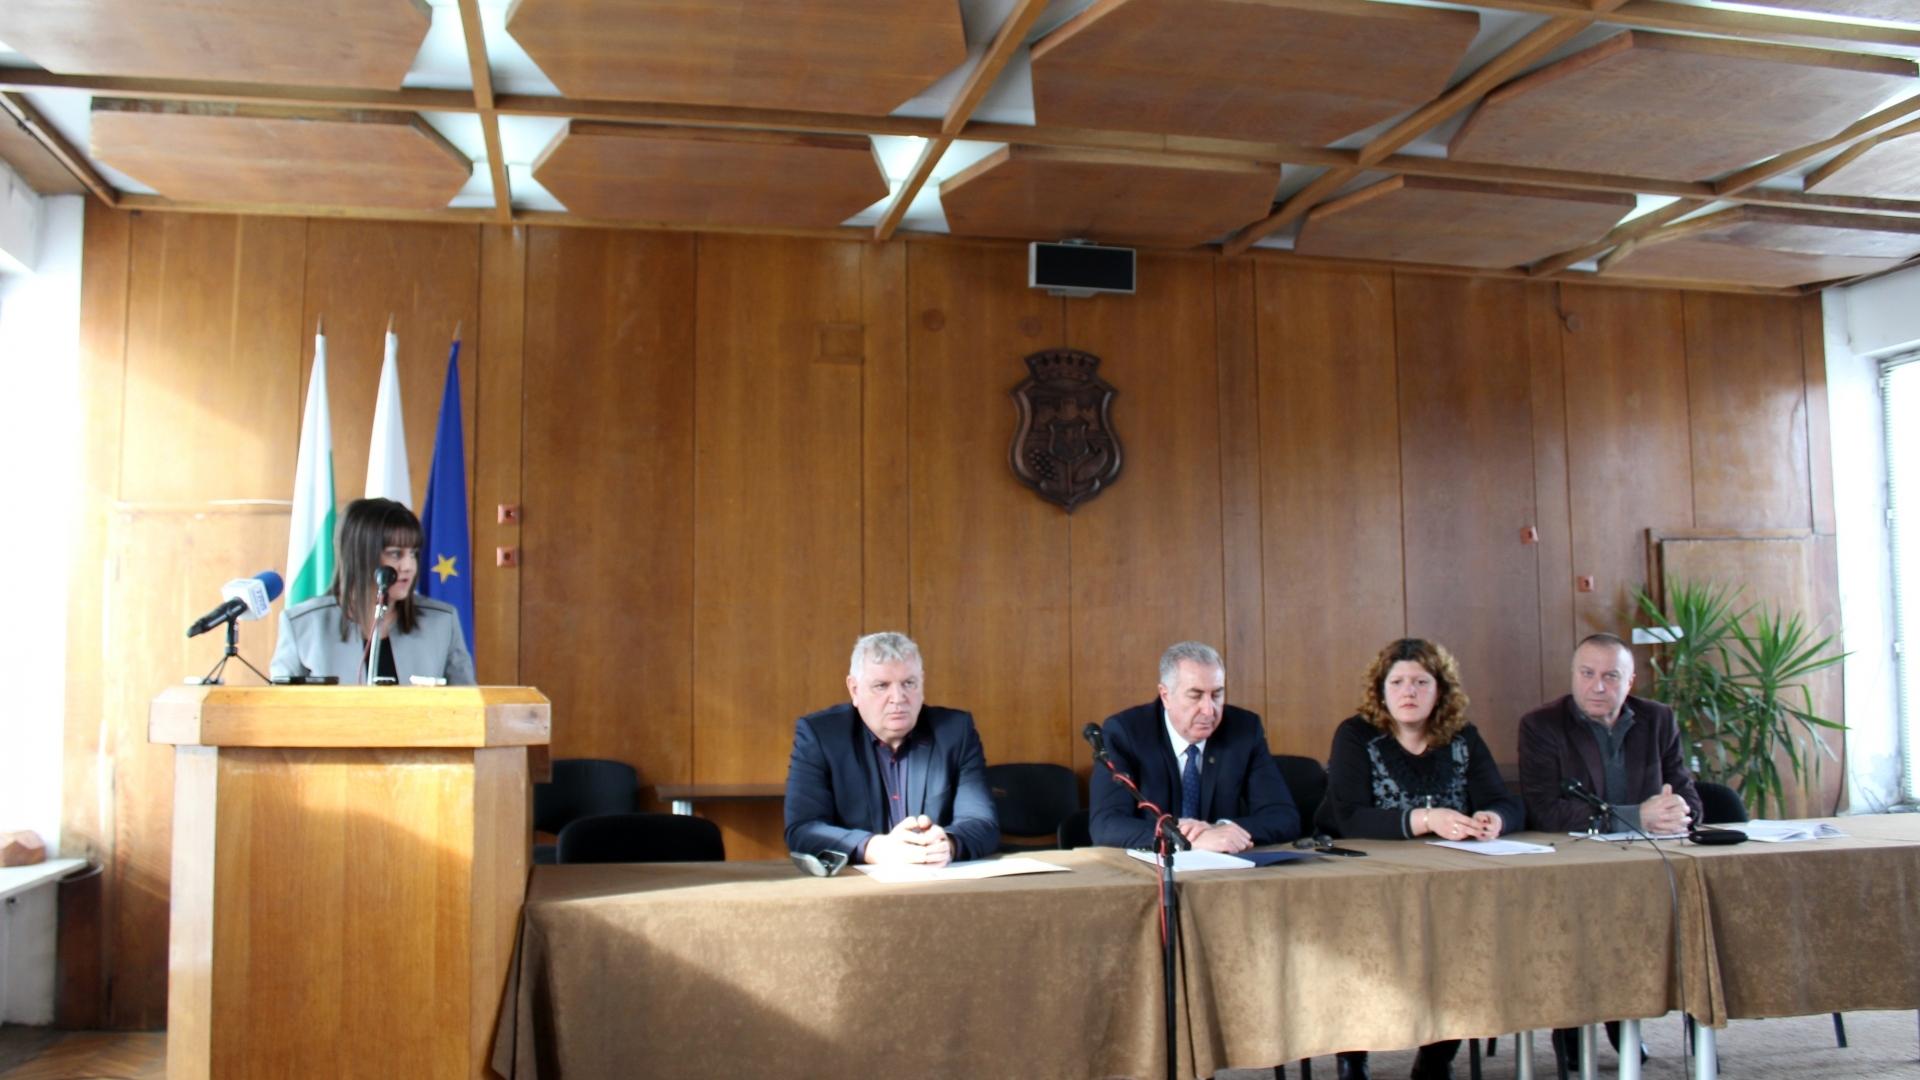 Областният управител Албена Георгиева присъства на обществено обсъждане на бюджета на община Видин за 2019 г.